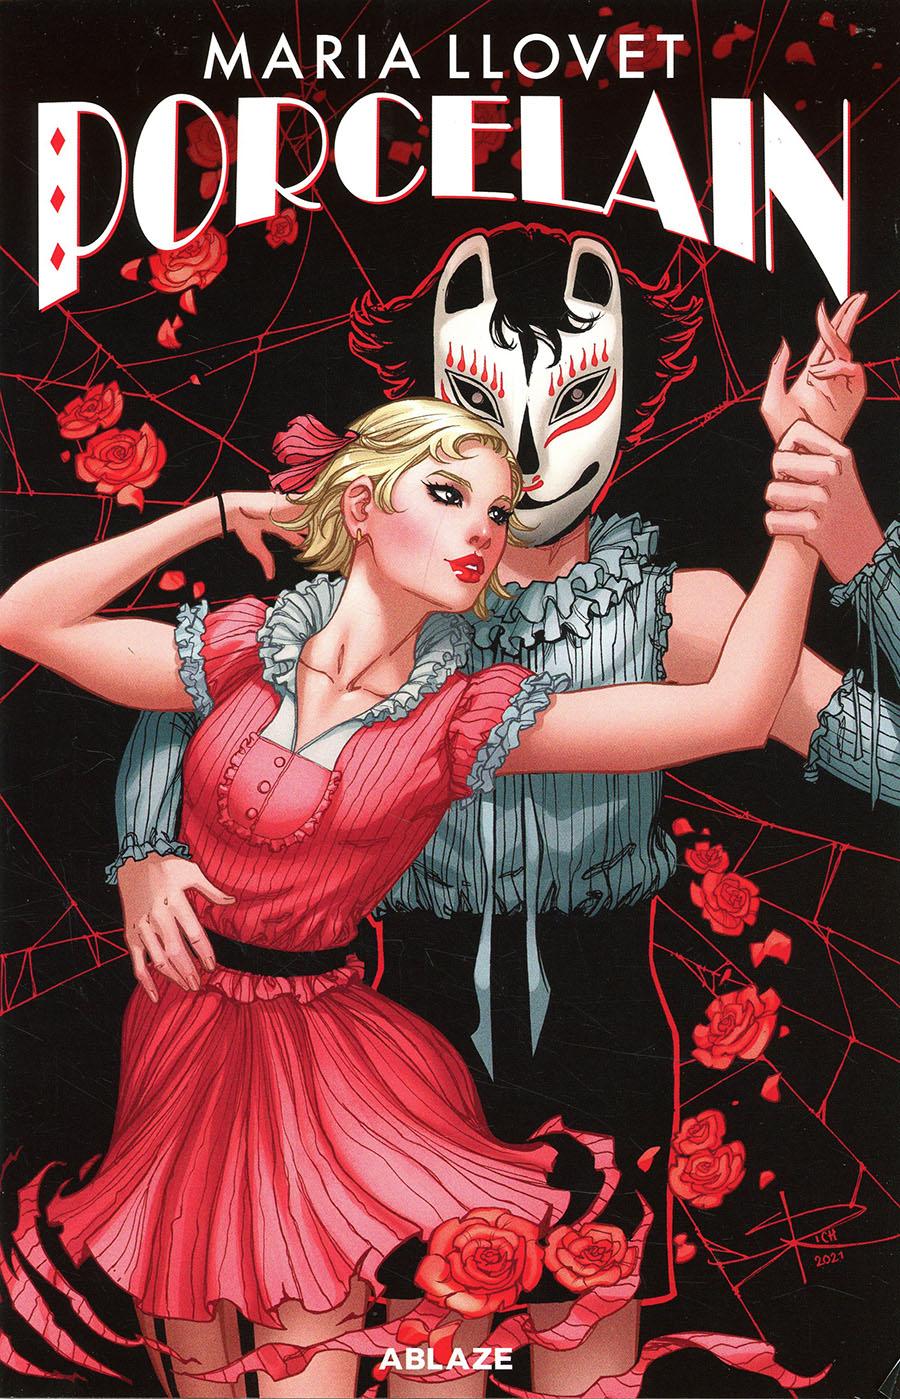 Maria Llovets Porcelain #1 Cover E Variant Sabine Rich Batman Harley Quinn Parody Cover